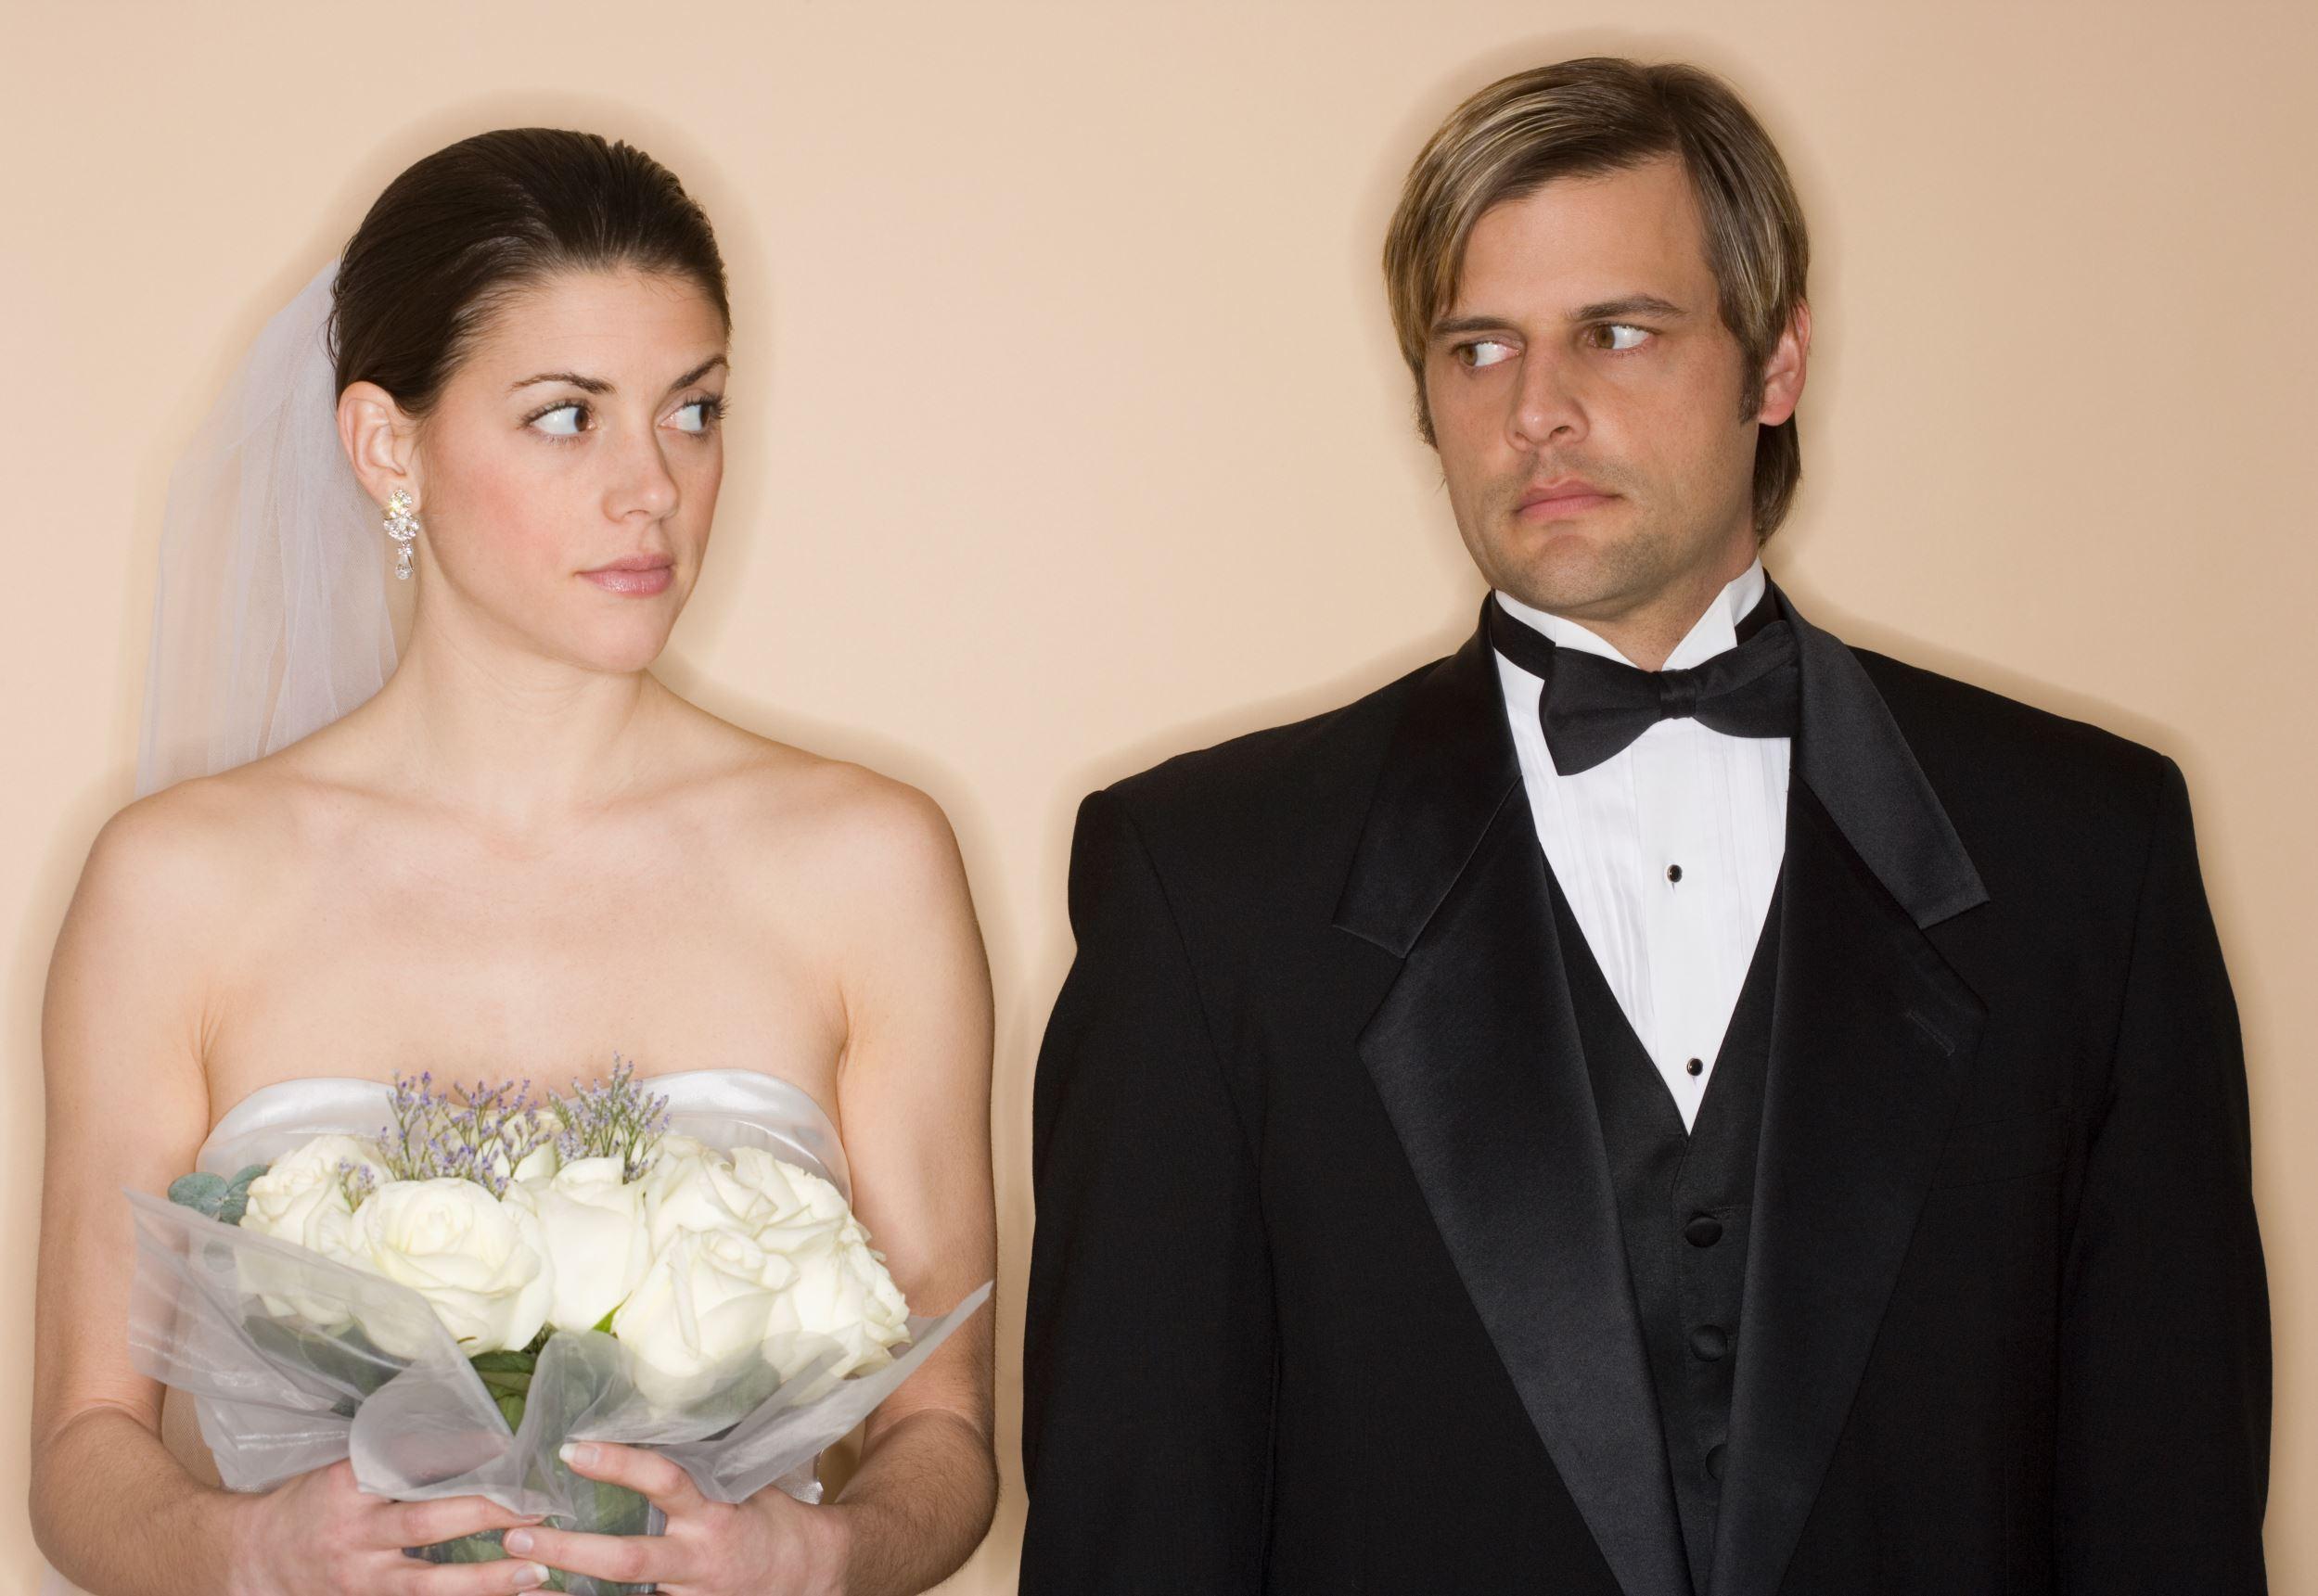 Matrimonio non incontri EP 16 Dailymotion